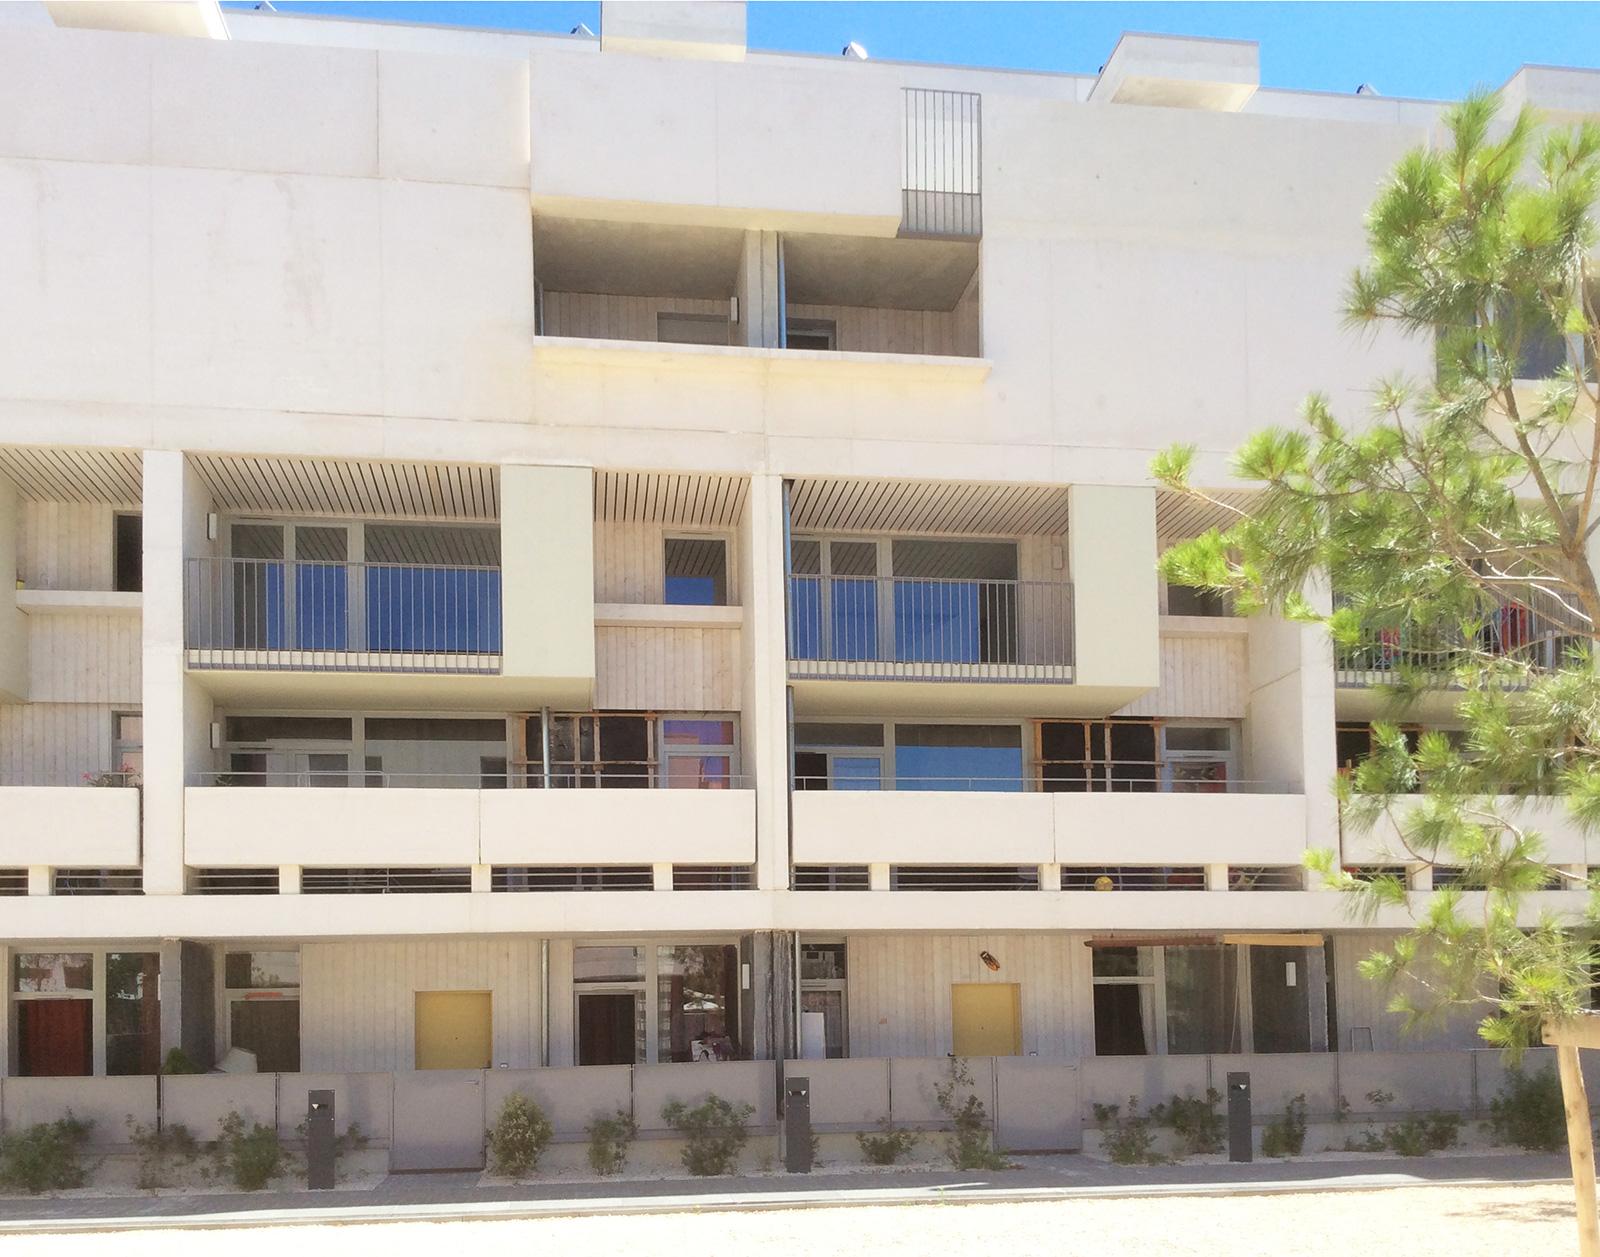 9-germe-et-jam-MTG-marseille-logements-facade-sur-cour